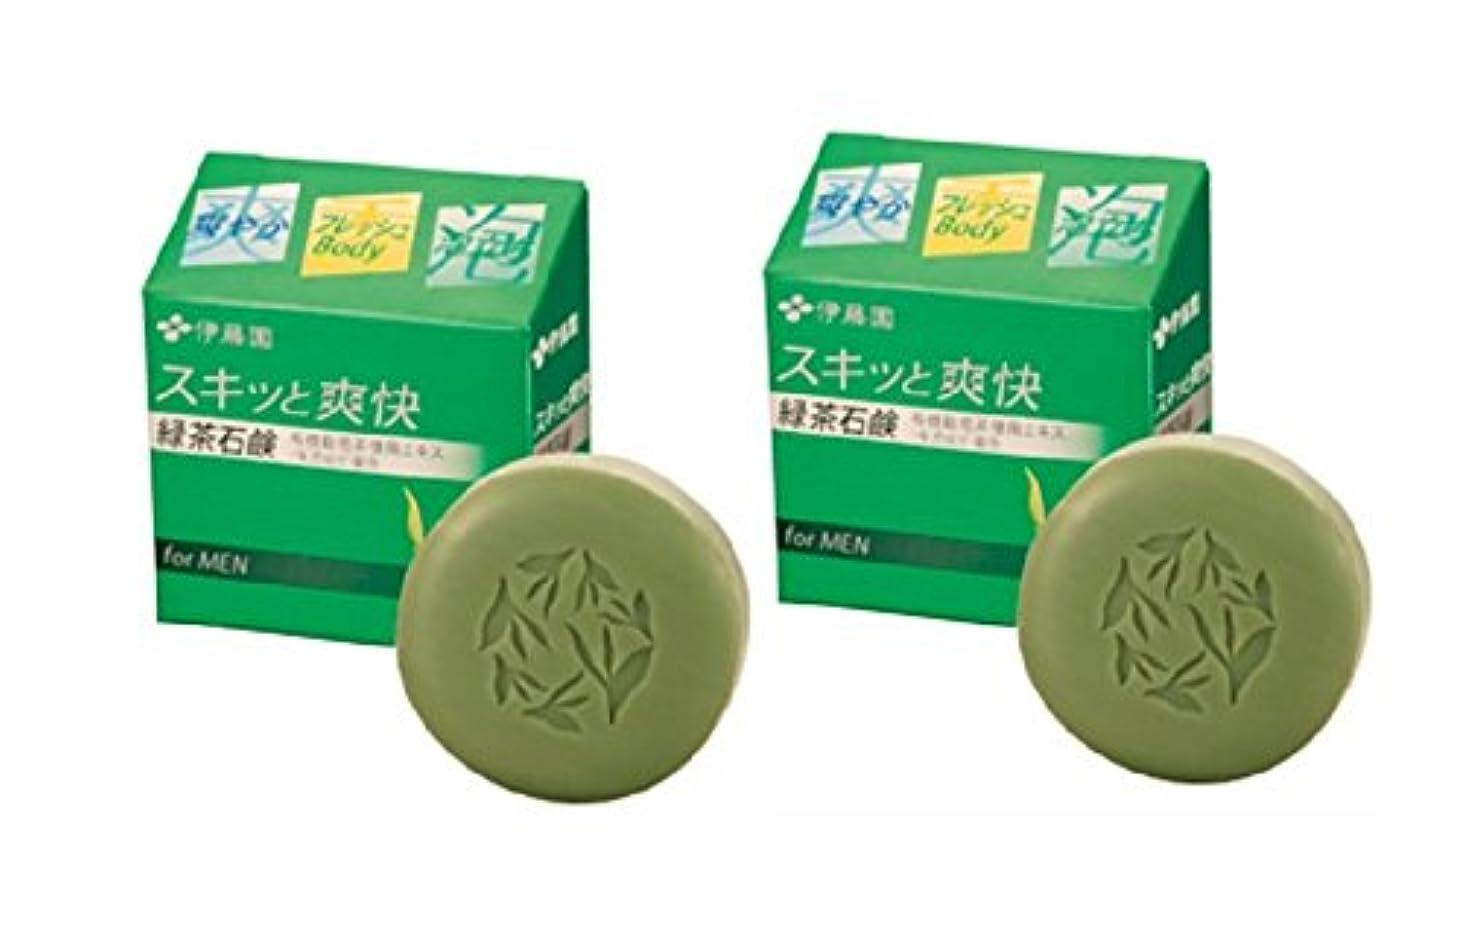 分子ファイバ真面目な伊藤園 スキッと爽快 緑茶石鹸 男性用 80g×2個セット